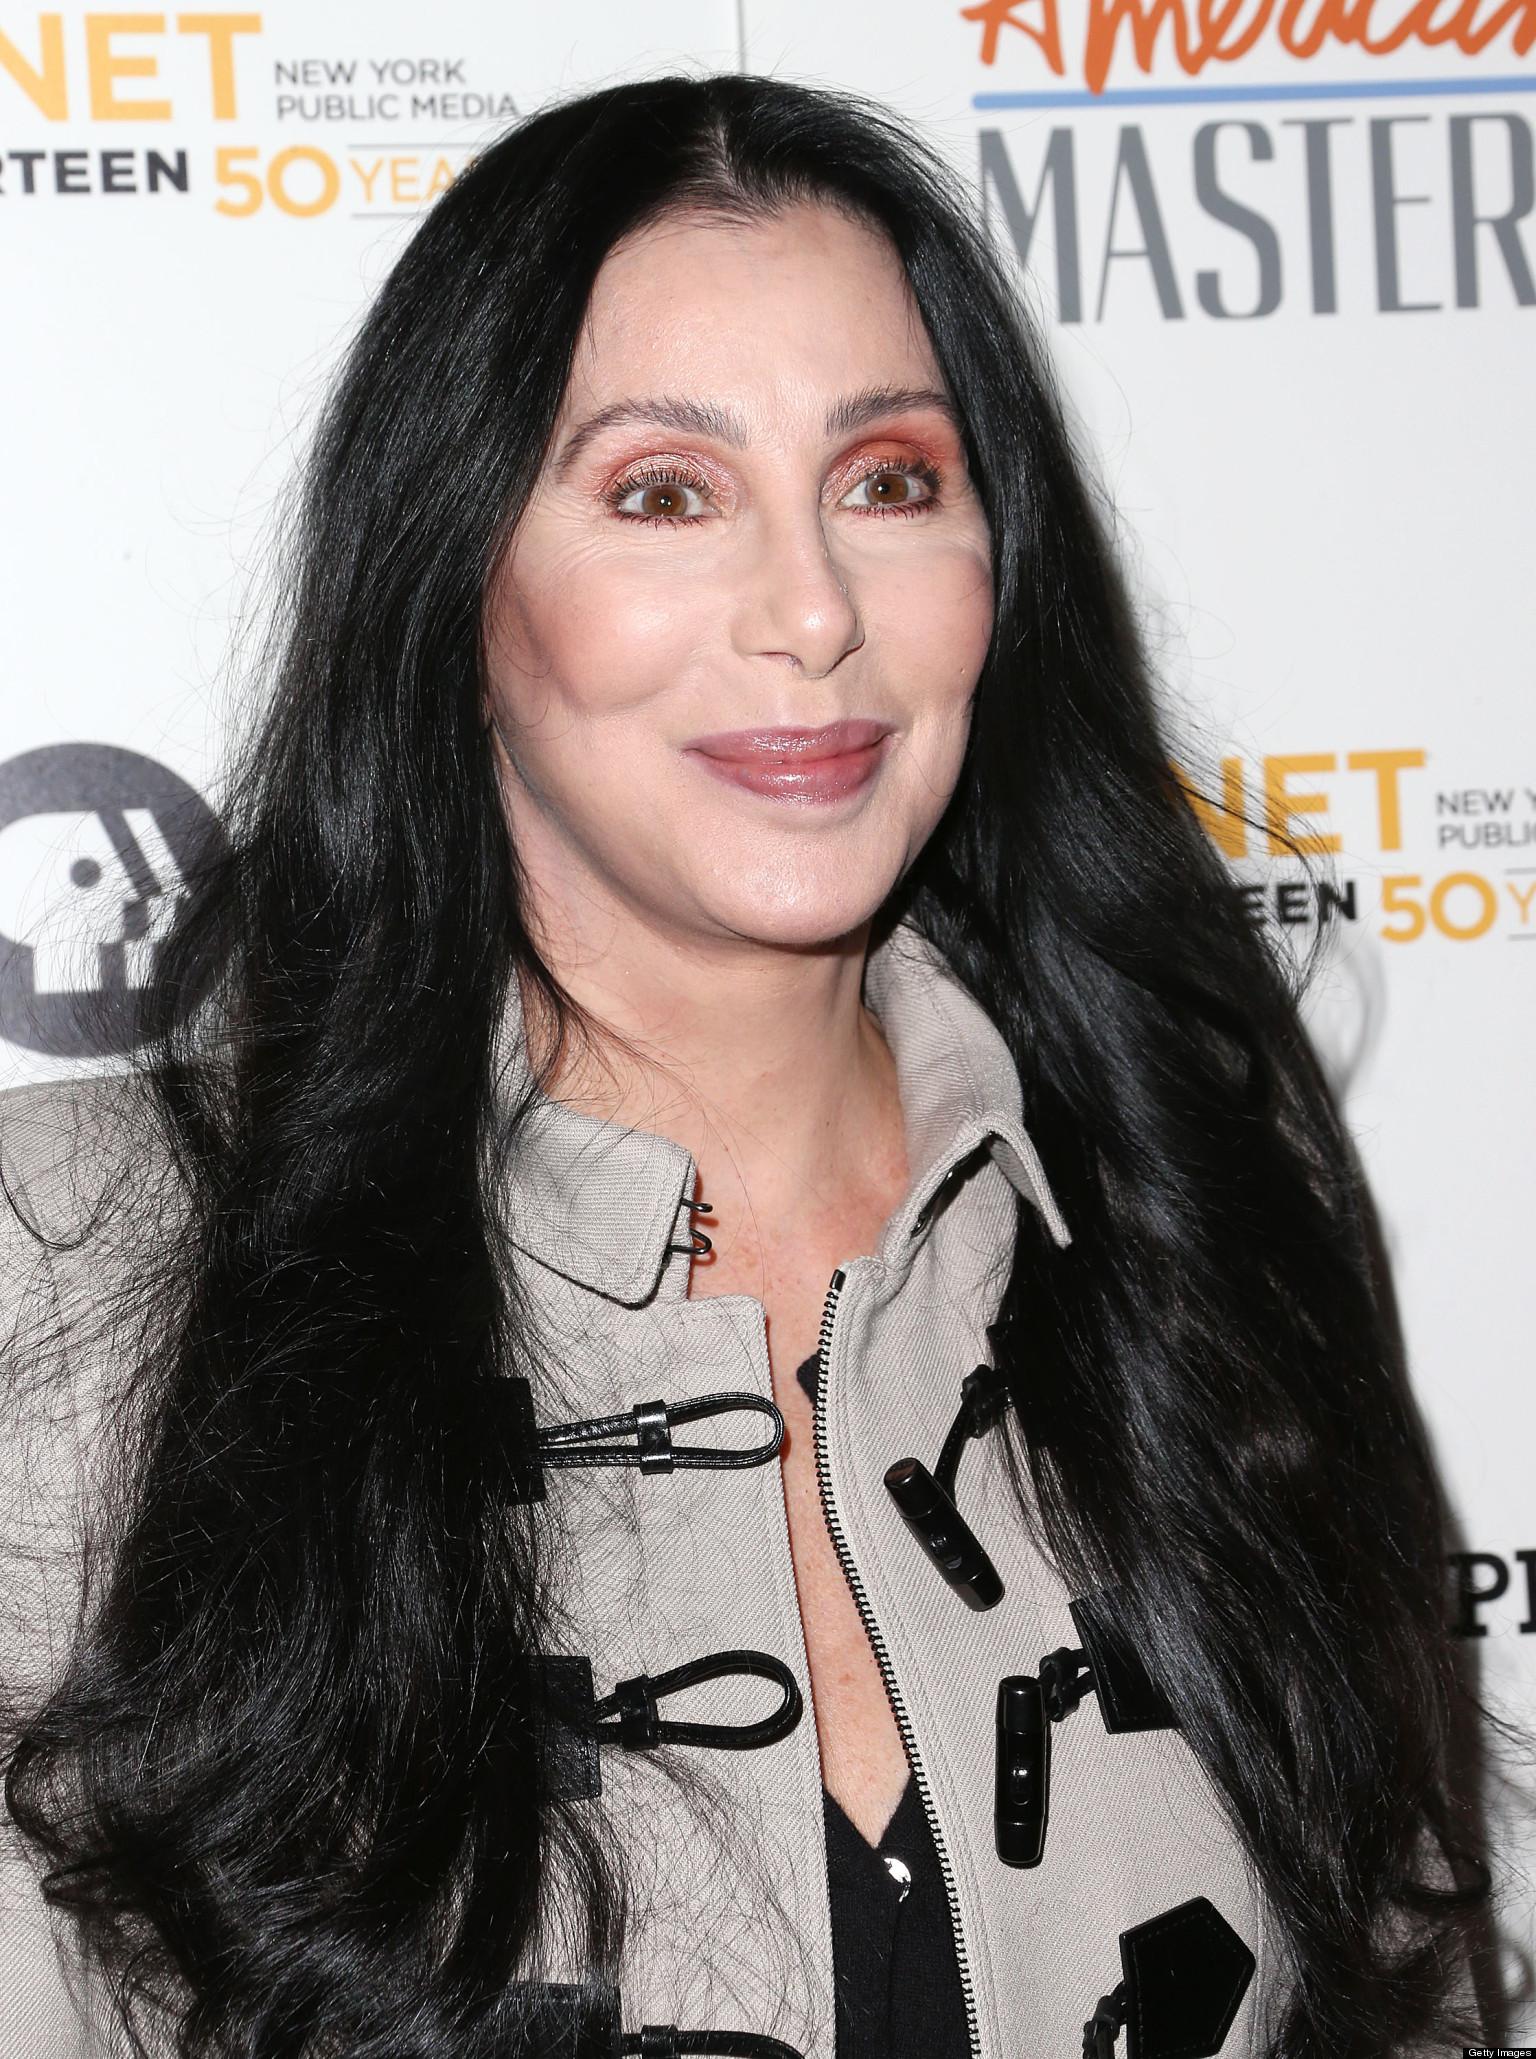 Cher s Twitter Rant  S...